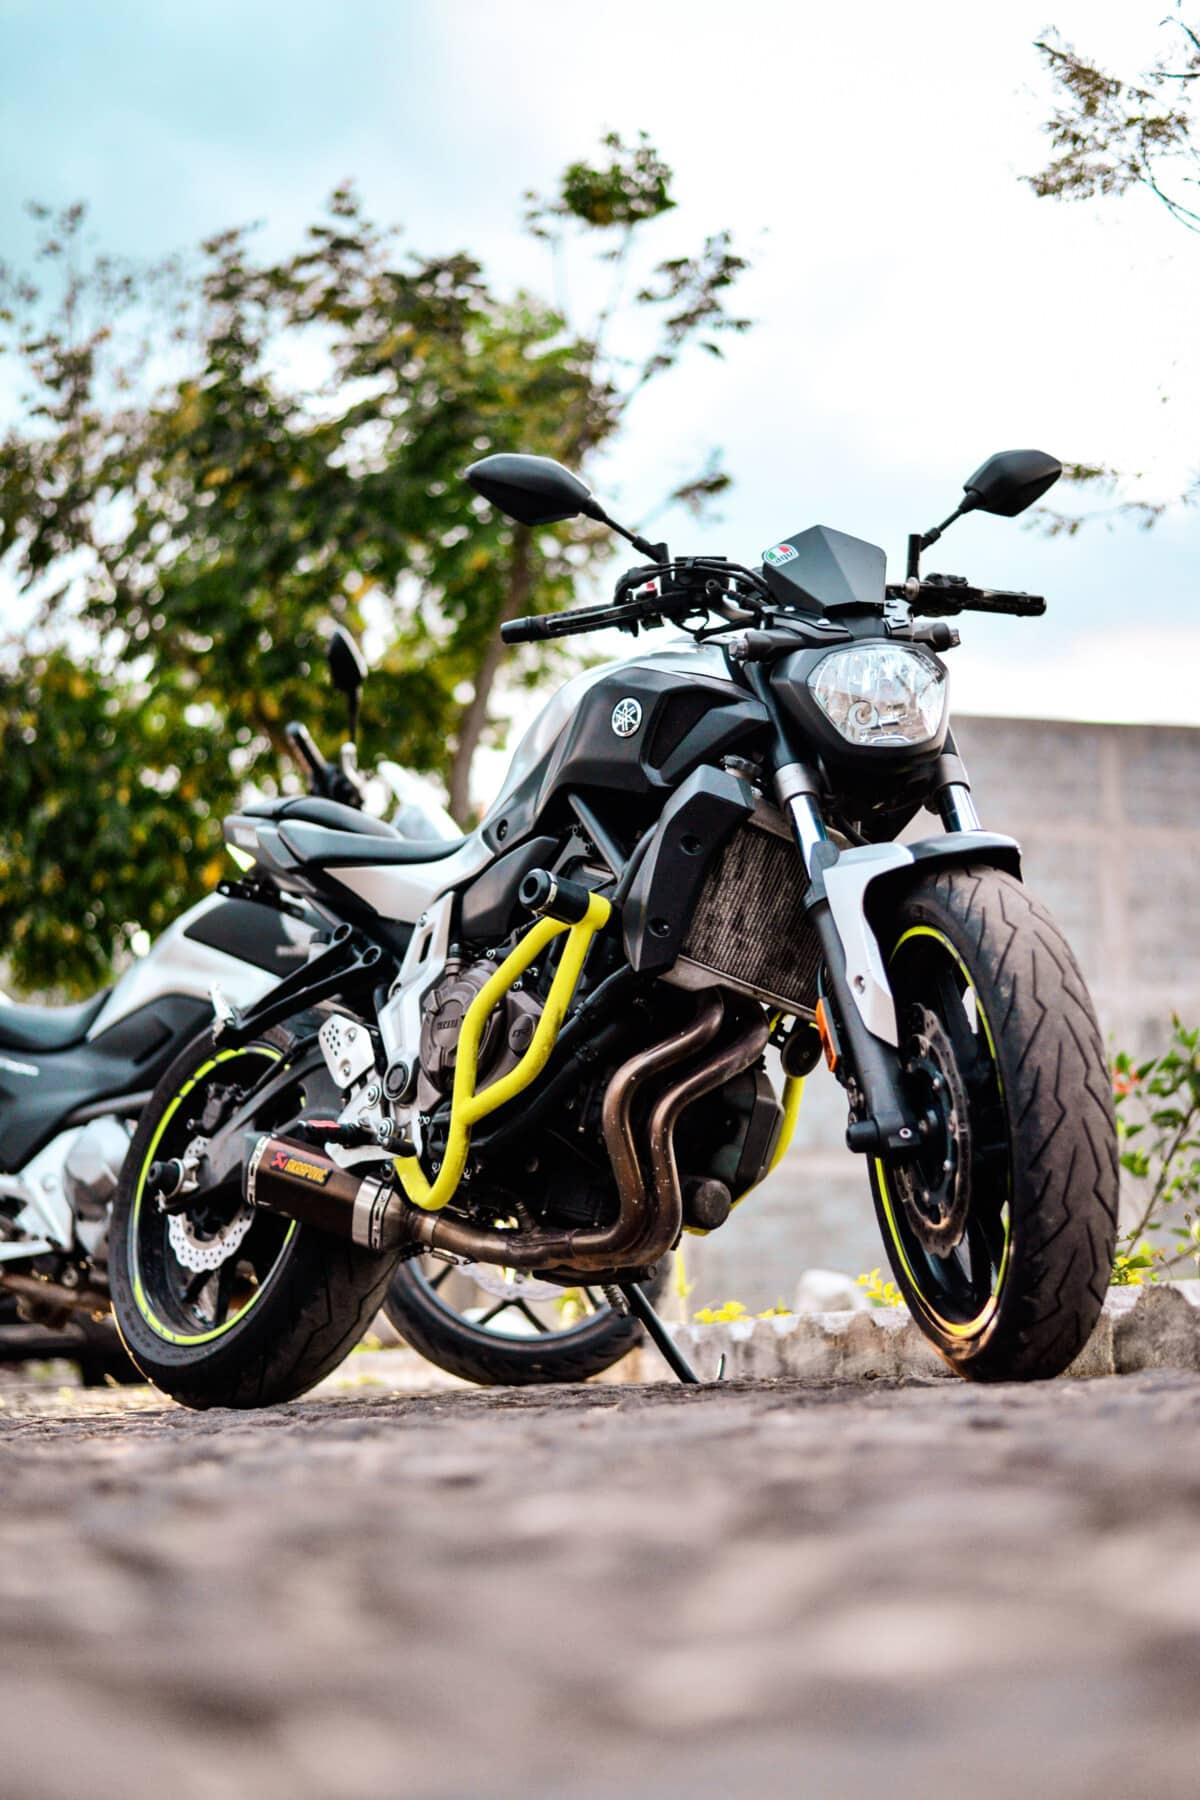 moto, Parc de stationnement, asphalte, moteur, pneu, roue, siège, moto, rapide, sport